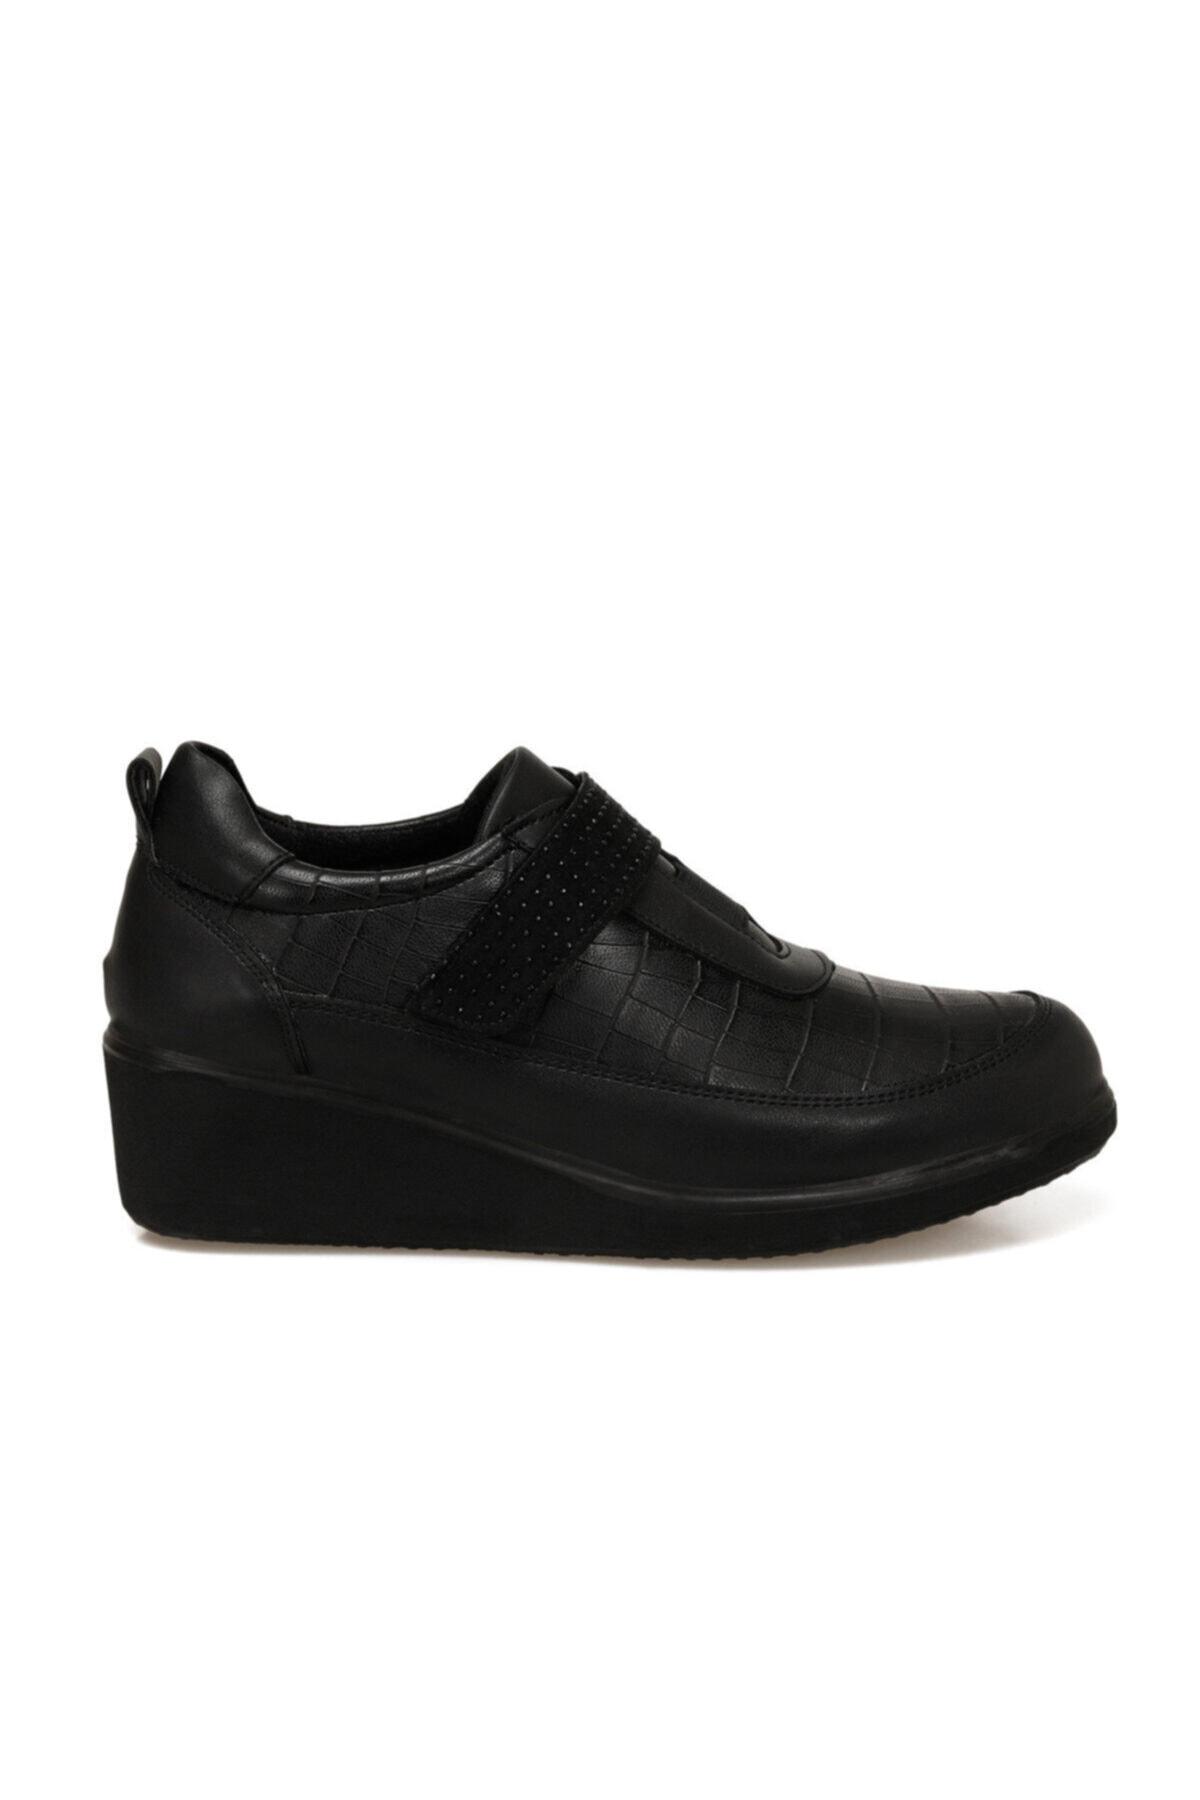 Polaris 161395.Z Siyah Kadın Comfort Ayakkabı 100548504 2